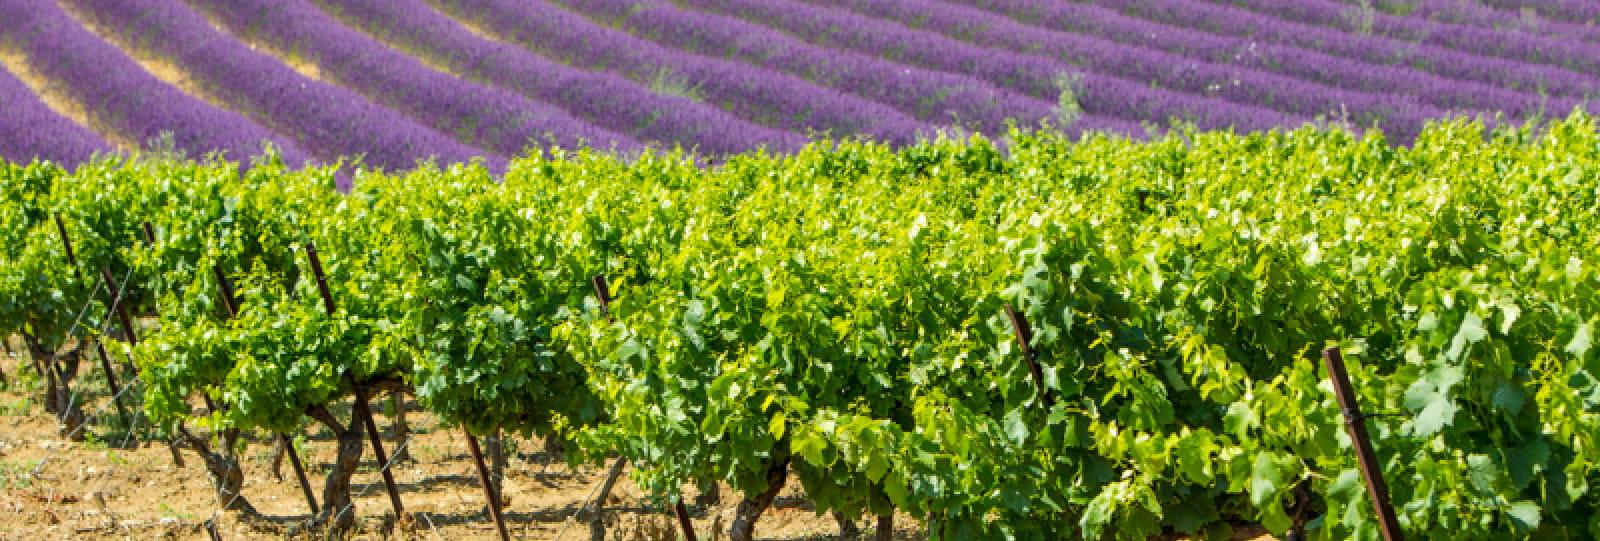 Séjour Aux Portes de Provence (3 jours / 2 nuits)